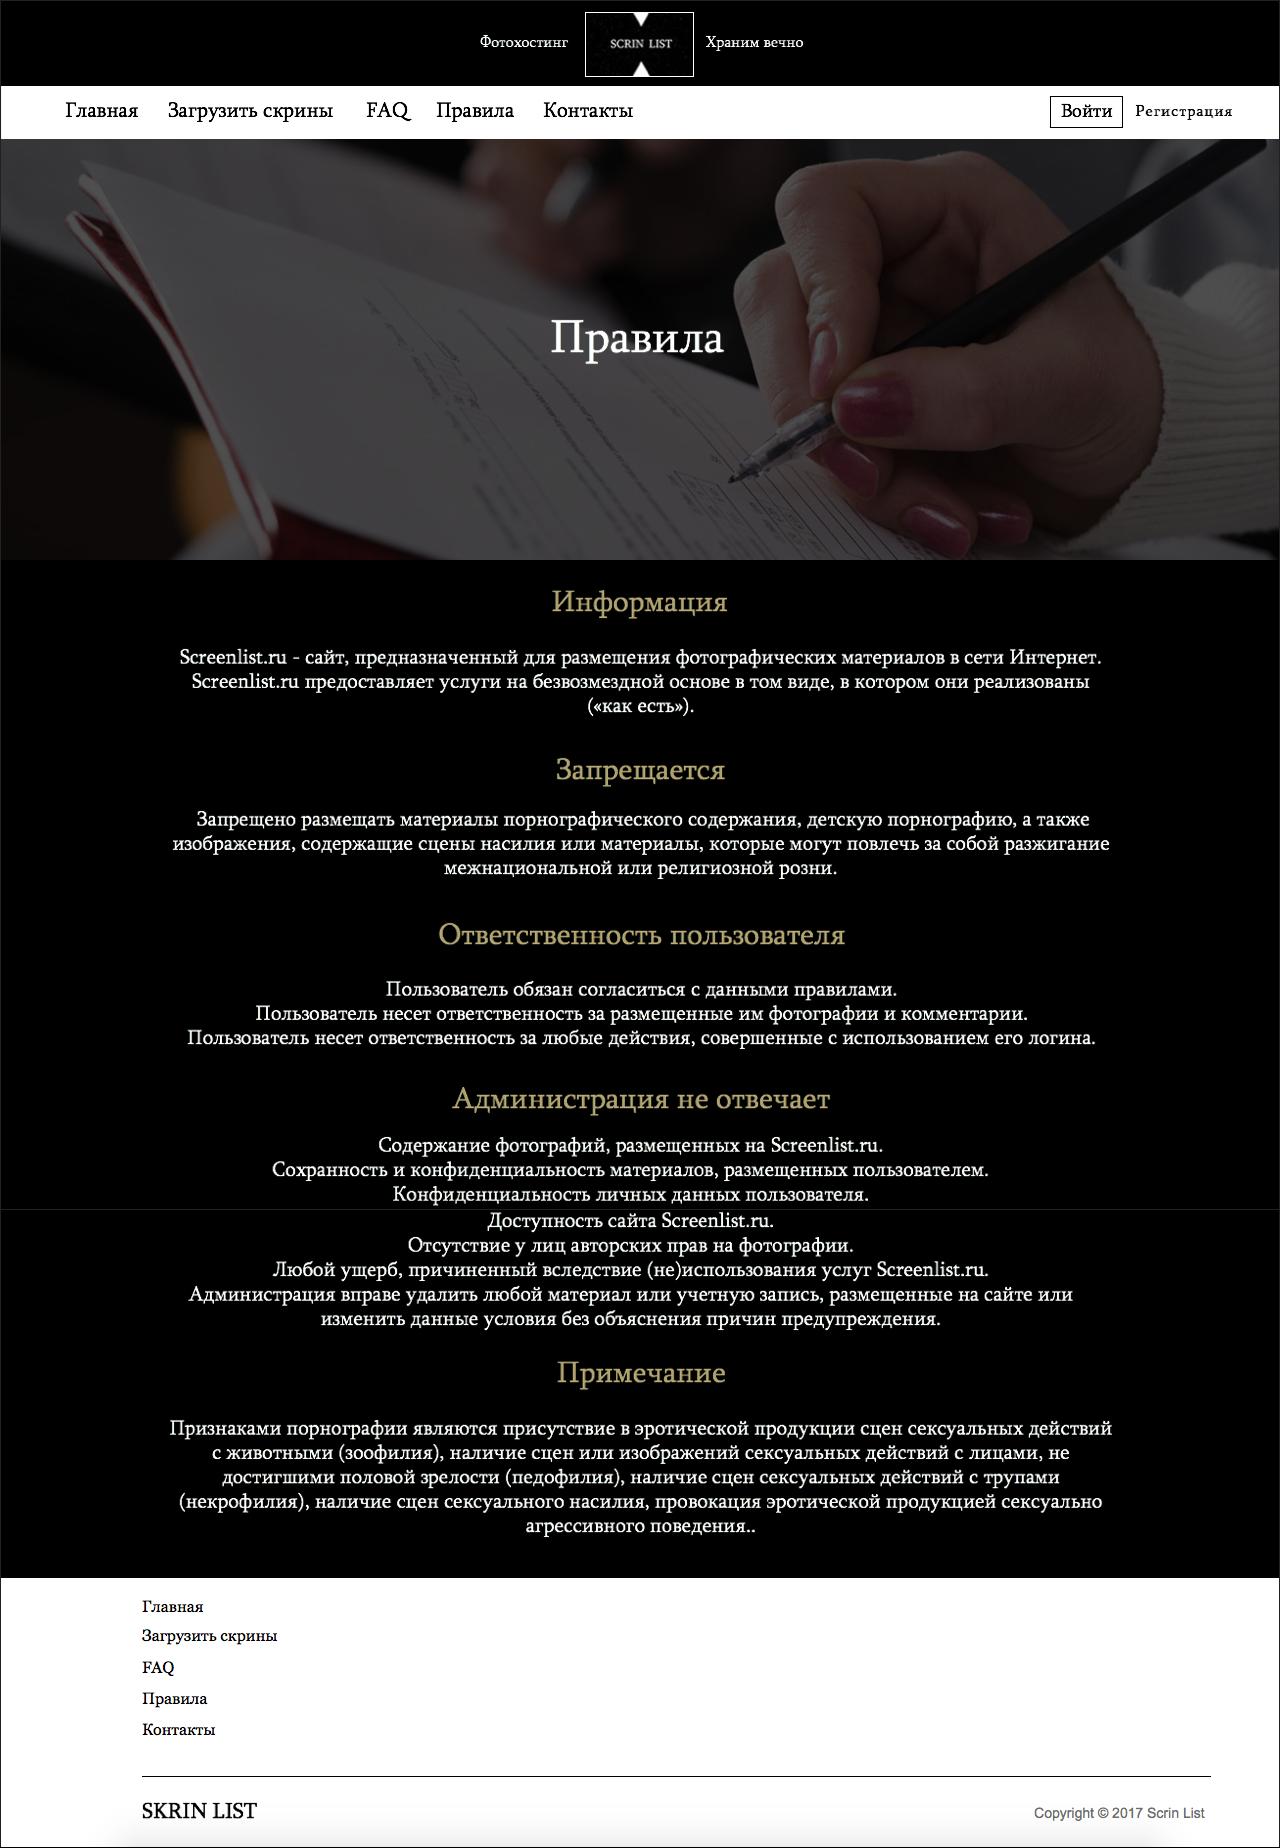 Безлимитный фотохостинг ScreenList.ru требует новый дизайн фото f_63459c7869bba526.png